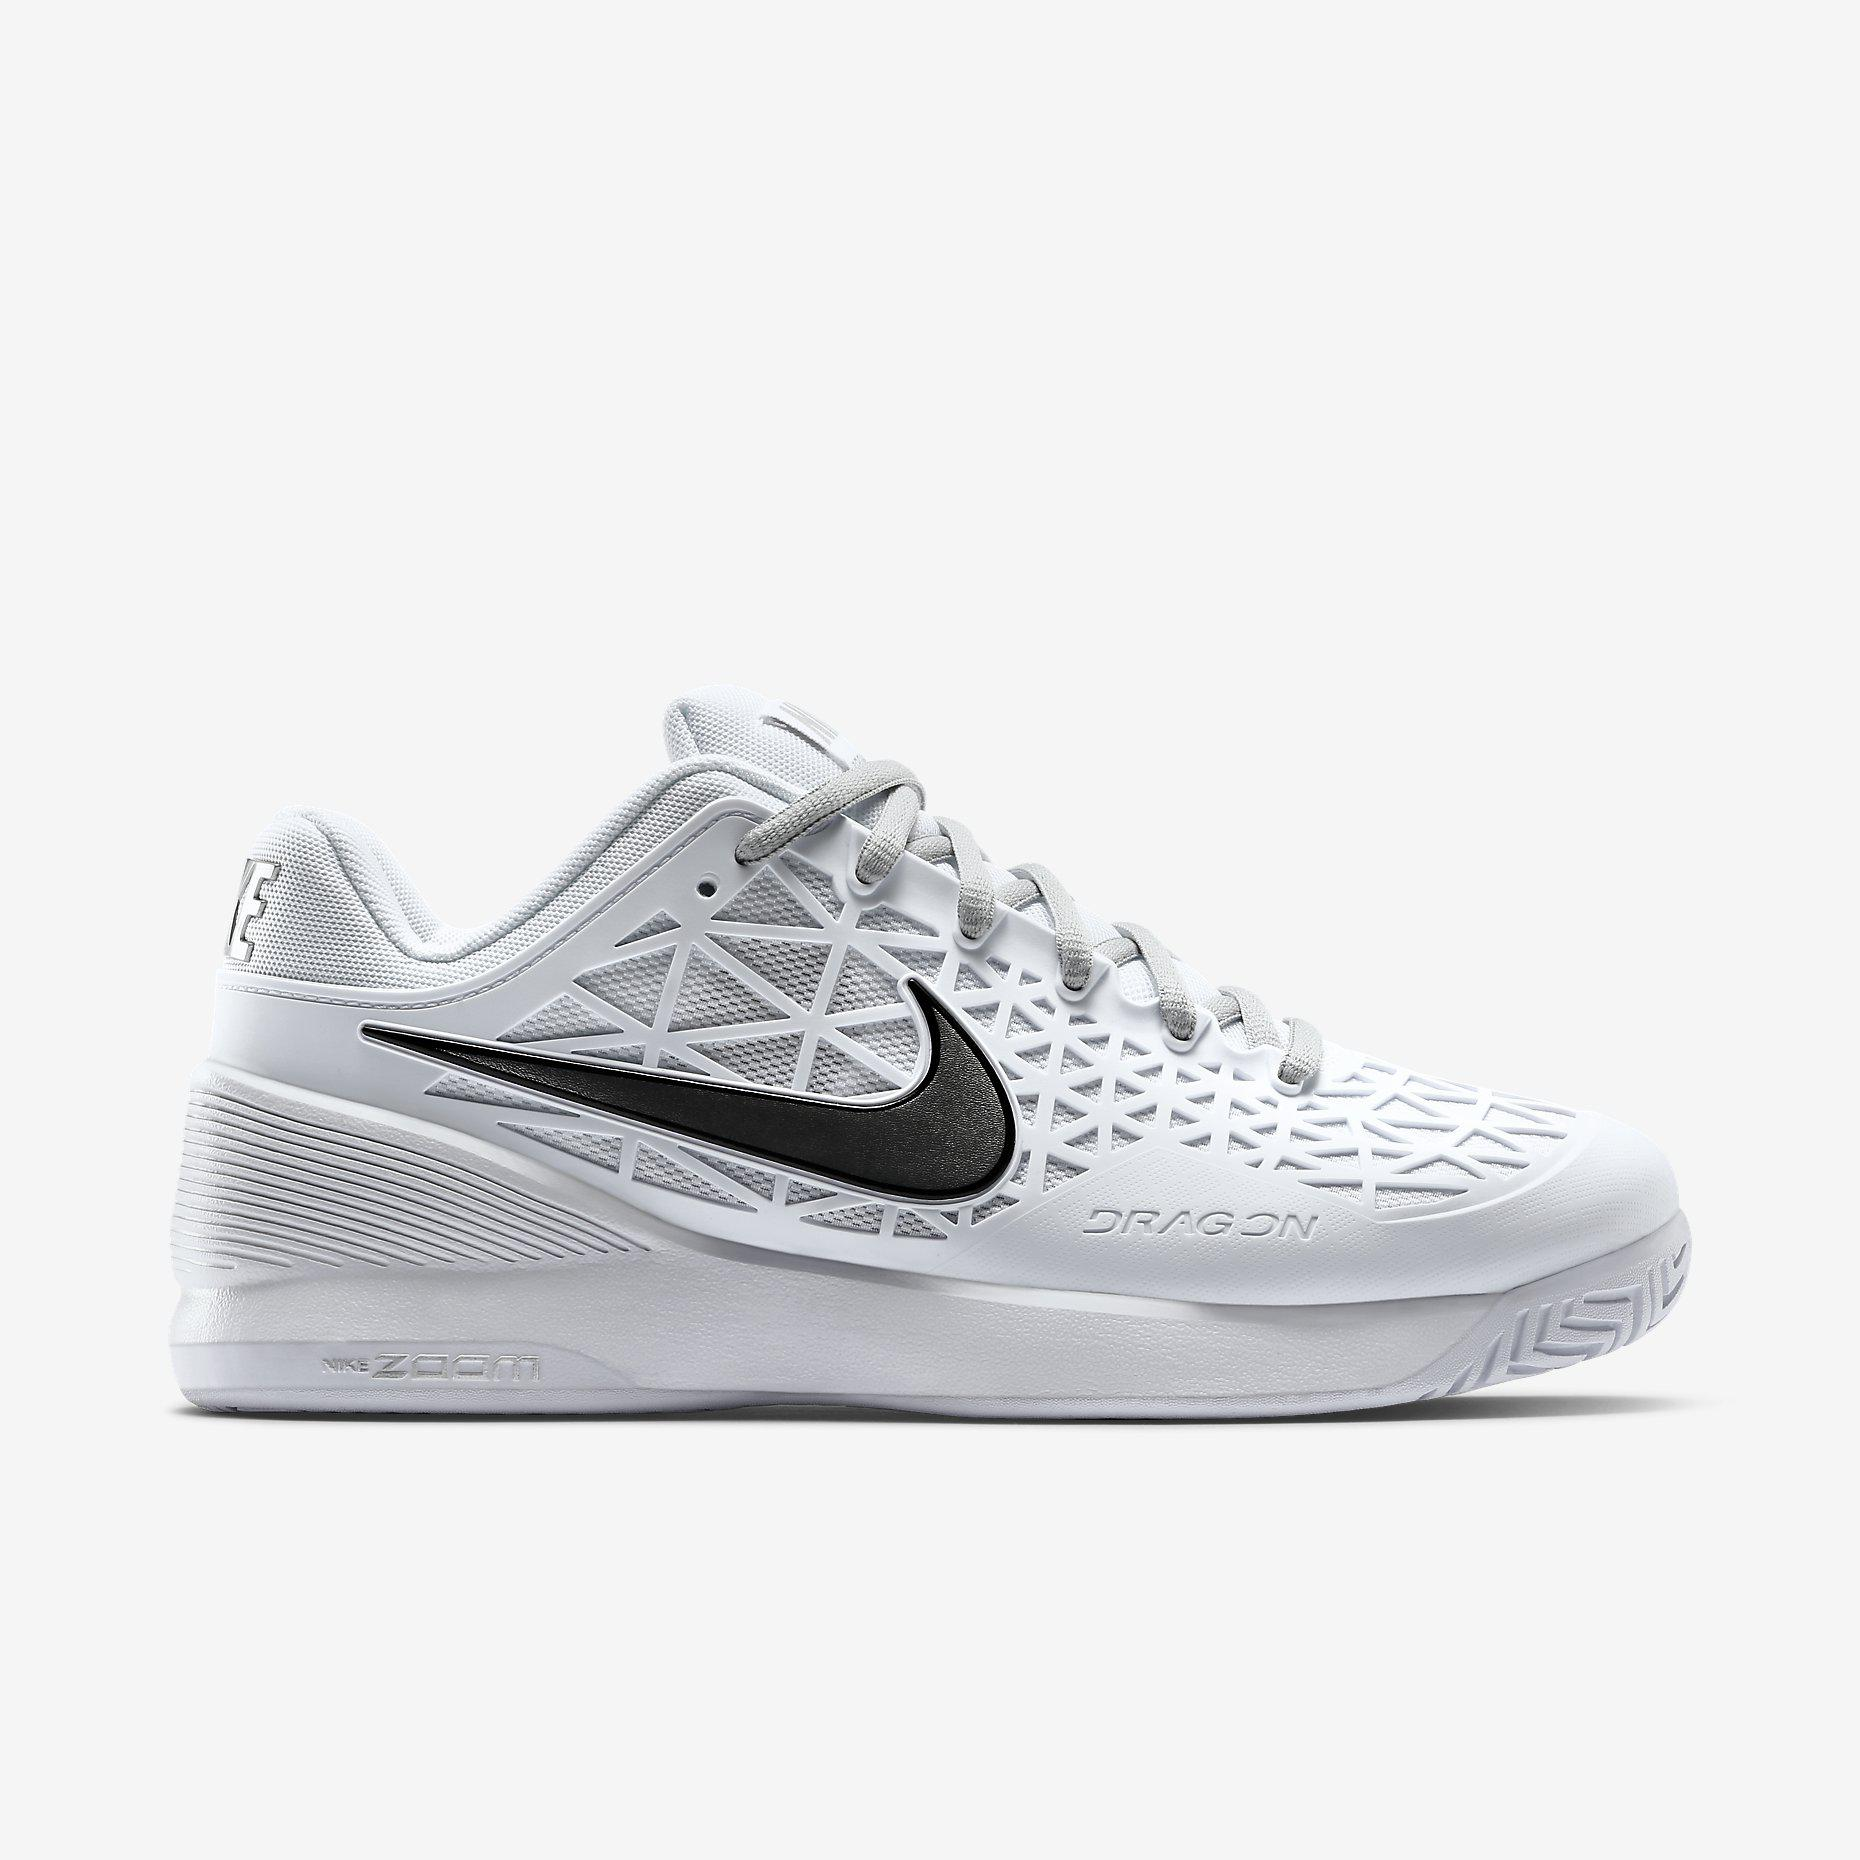 05c670fa7812 Nike Womens Zoom Cage 2 Tennis Shoes - White - Tennisnuts.com